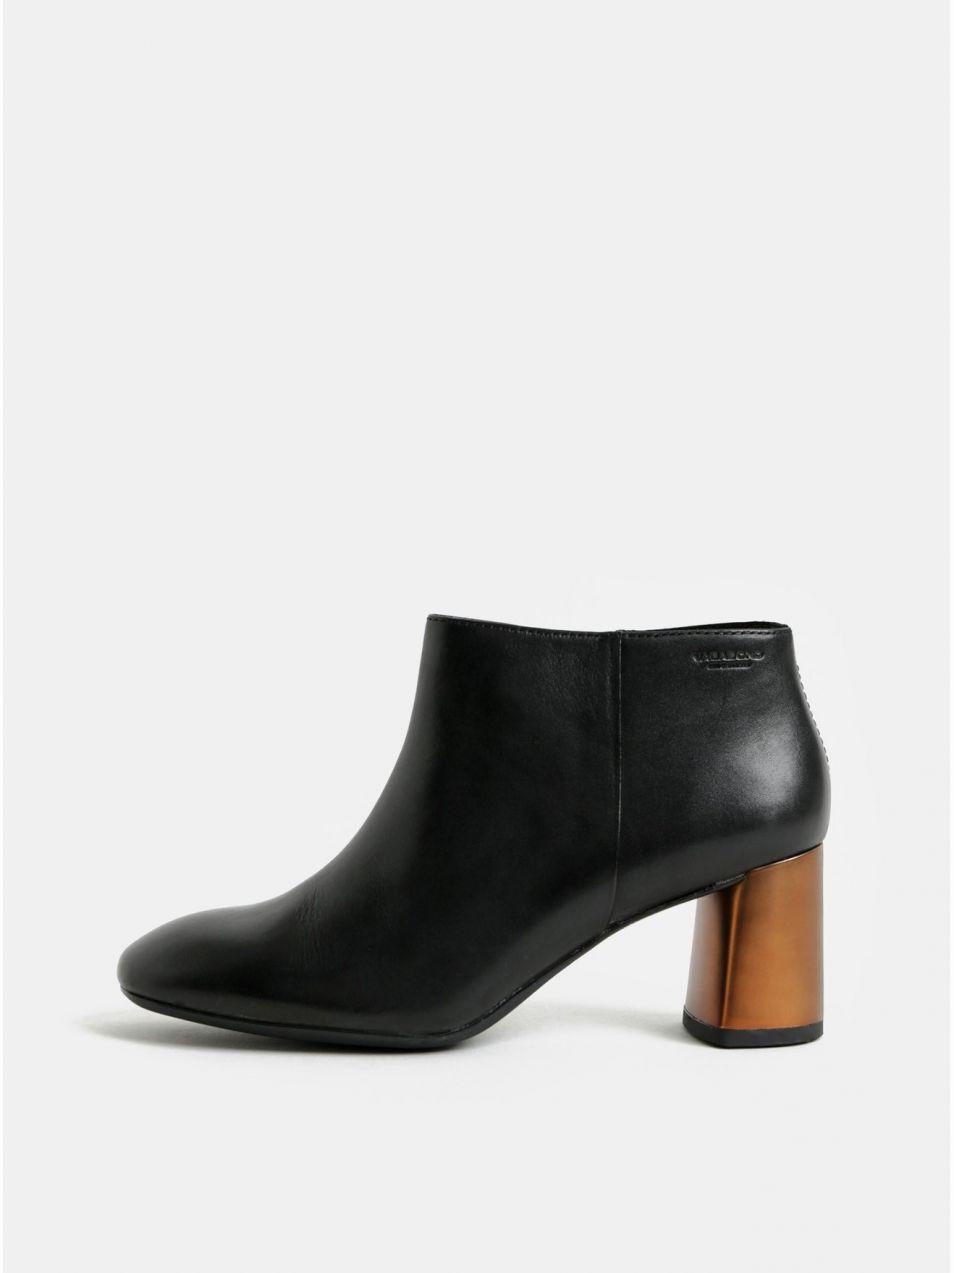 29ee953ad Čierne dámske kožené členkové topánky Vagabond Jeena značky Vagabond ...